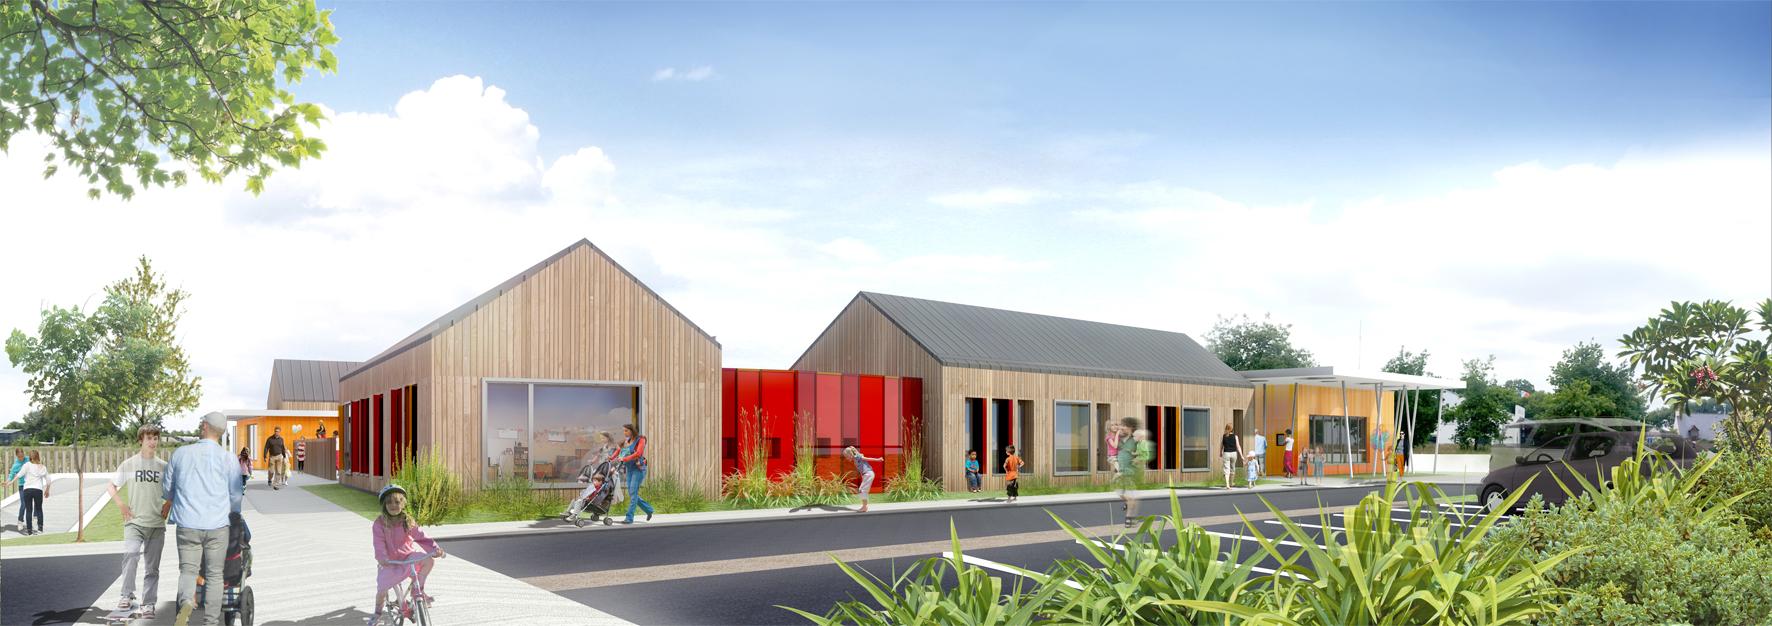 projet de construction d 39 une nouvelle ecole primaire publique commune de nivillac